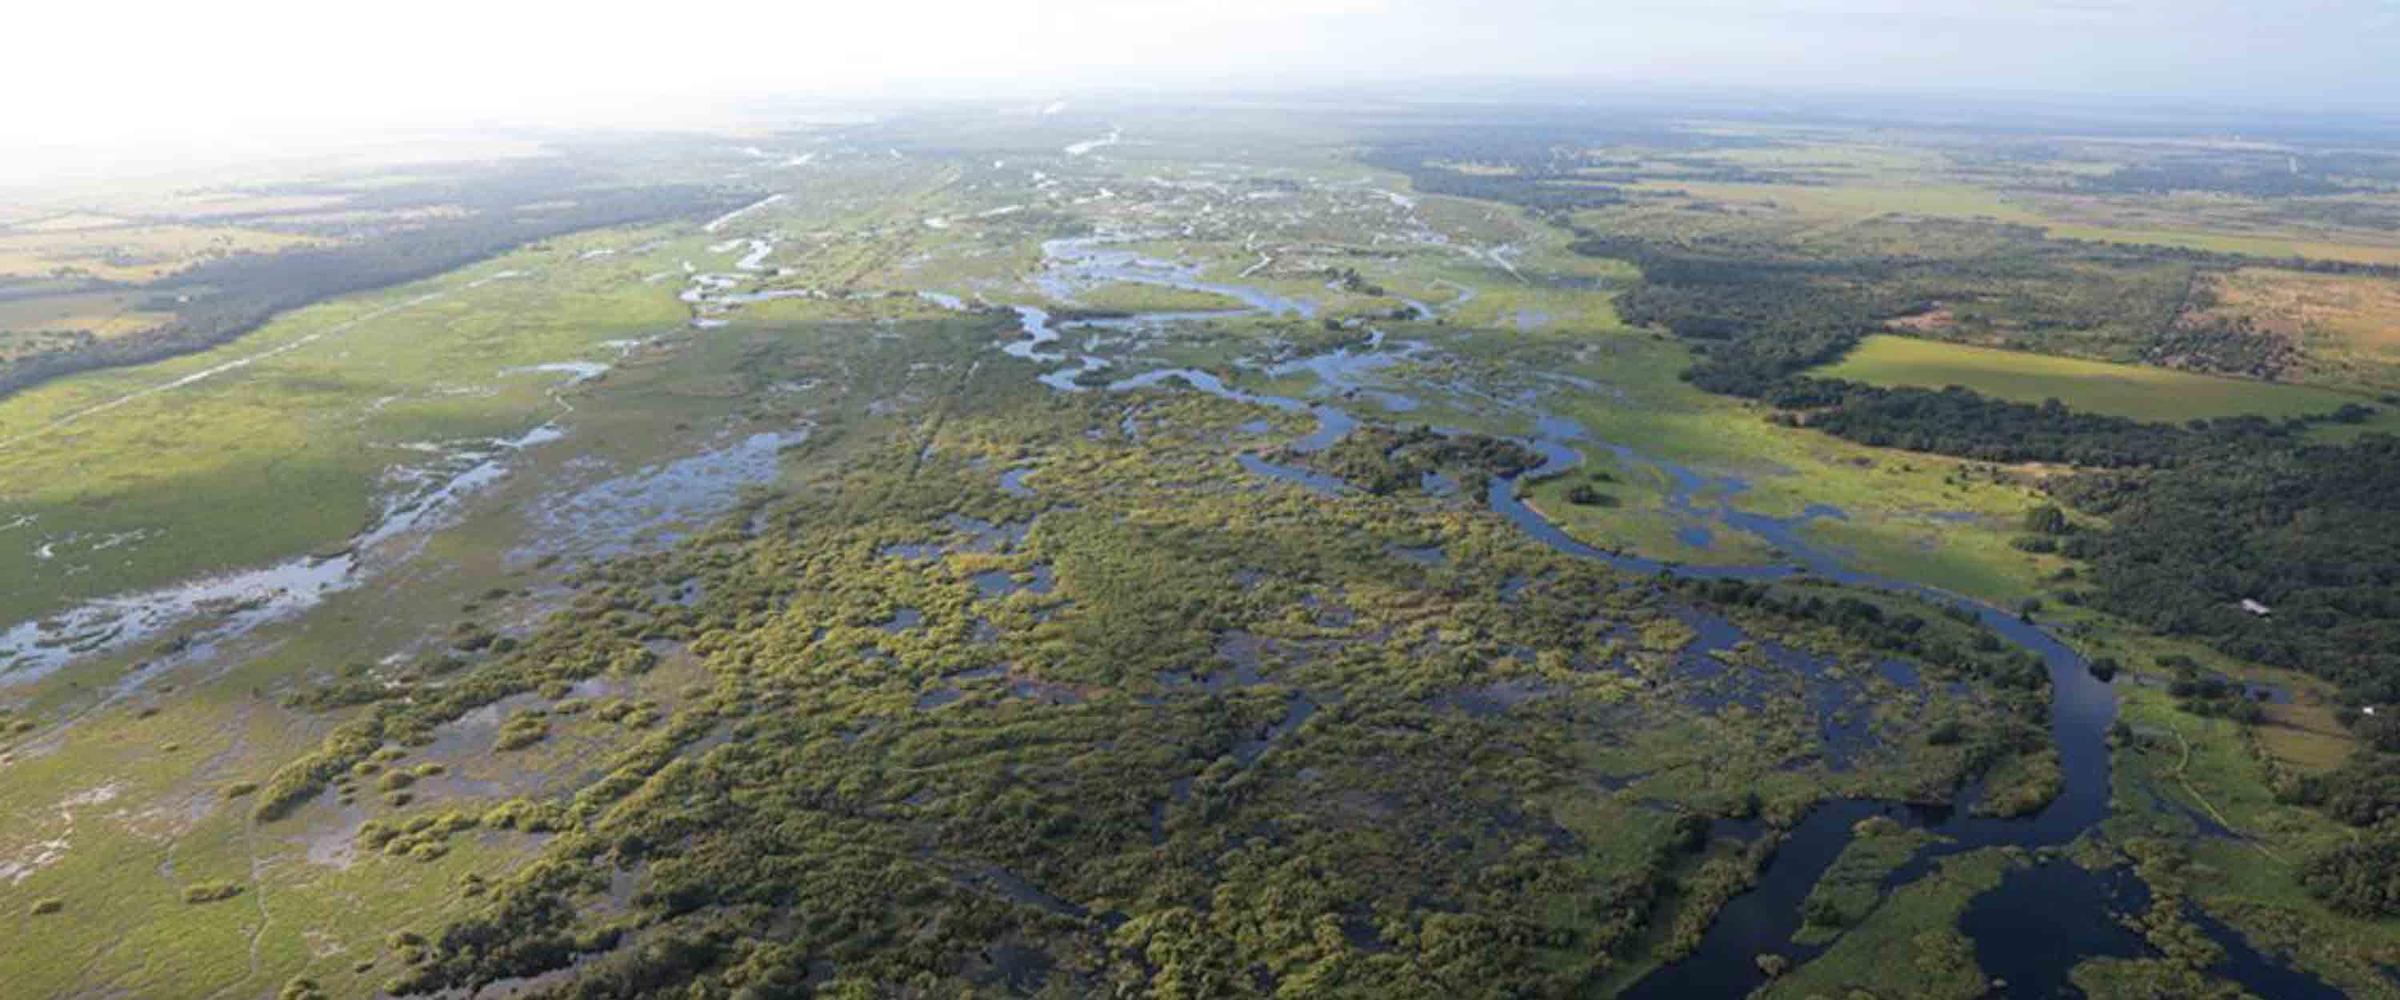 kissimmee river floodplain